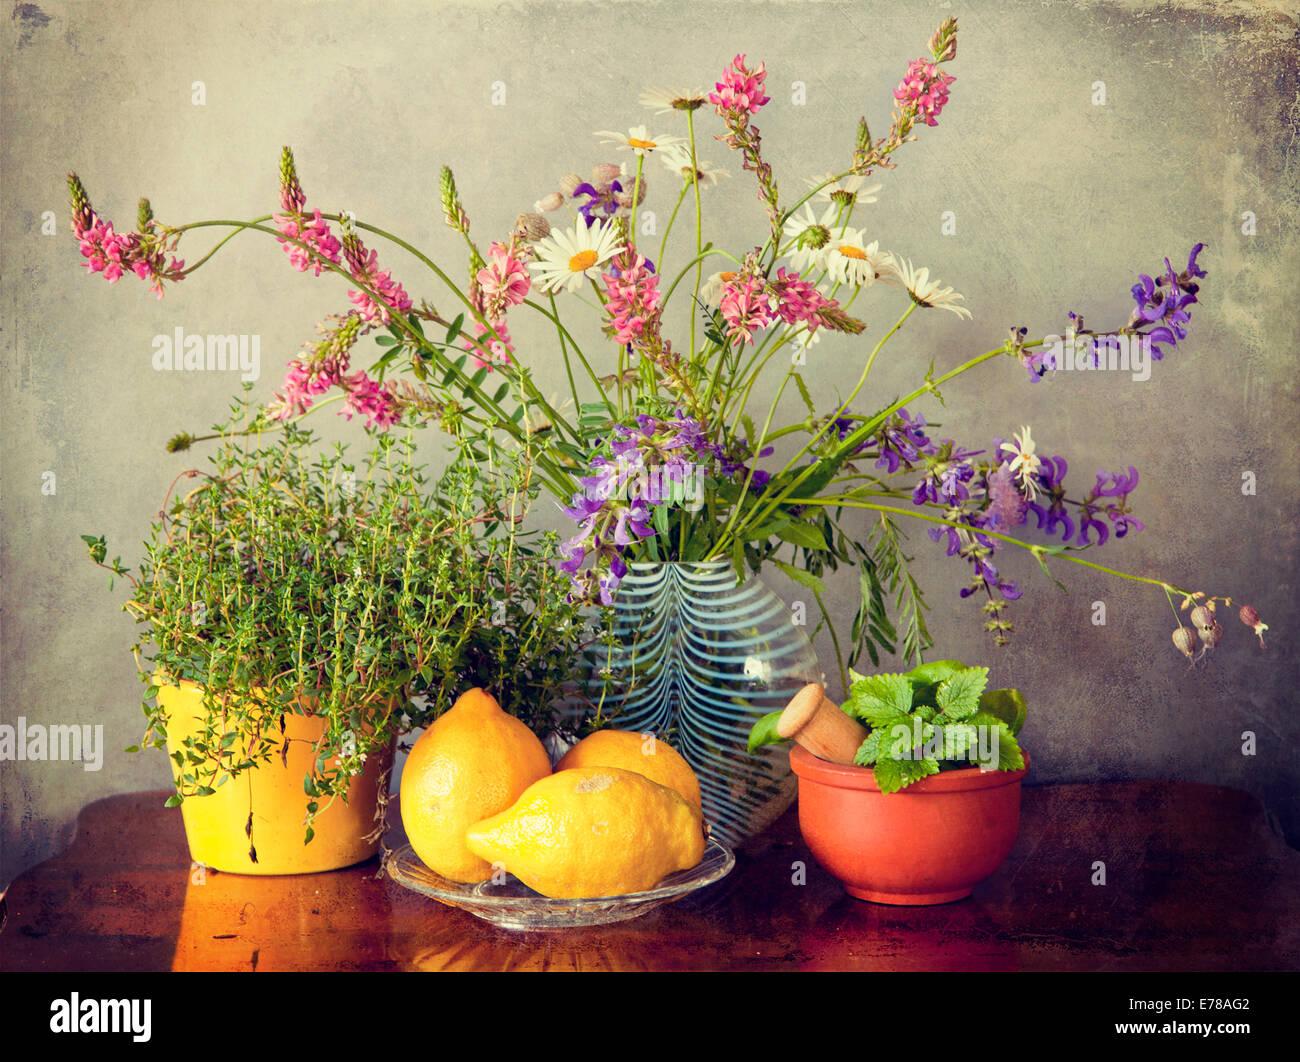 Jardin d'herbes, de fleurs dans vase et fruits de citron. Grunge texture et l'effet rétro-comme Instagram Photo Stock